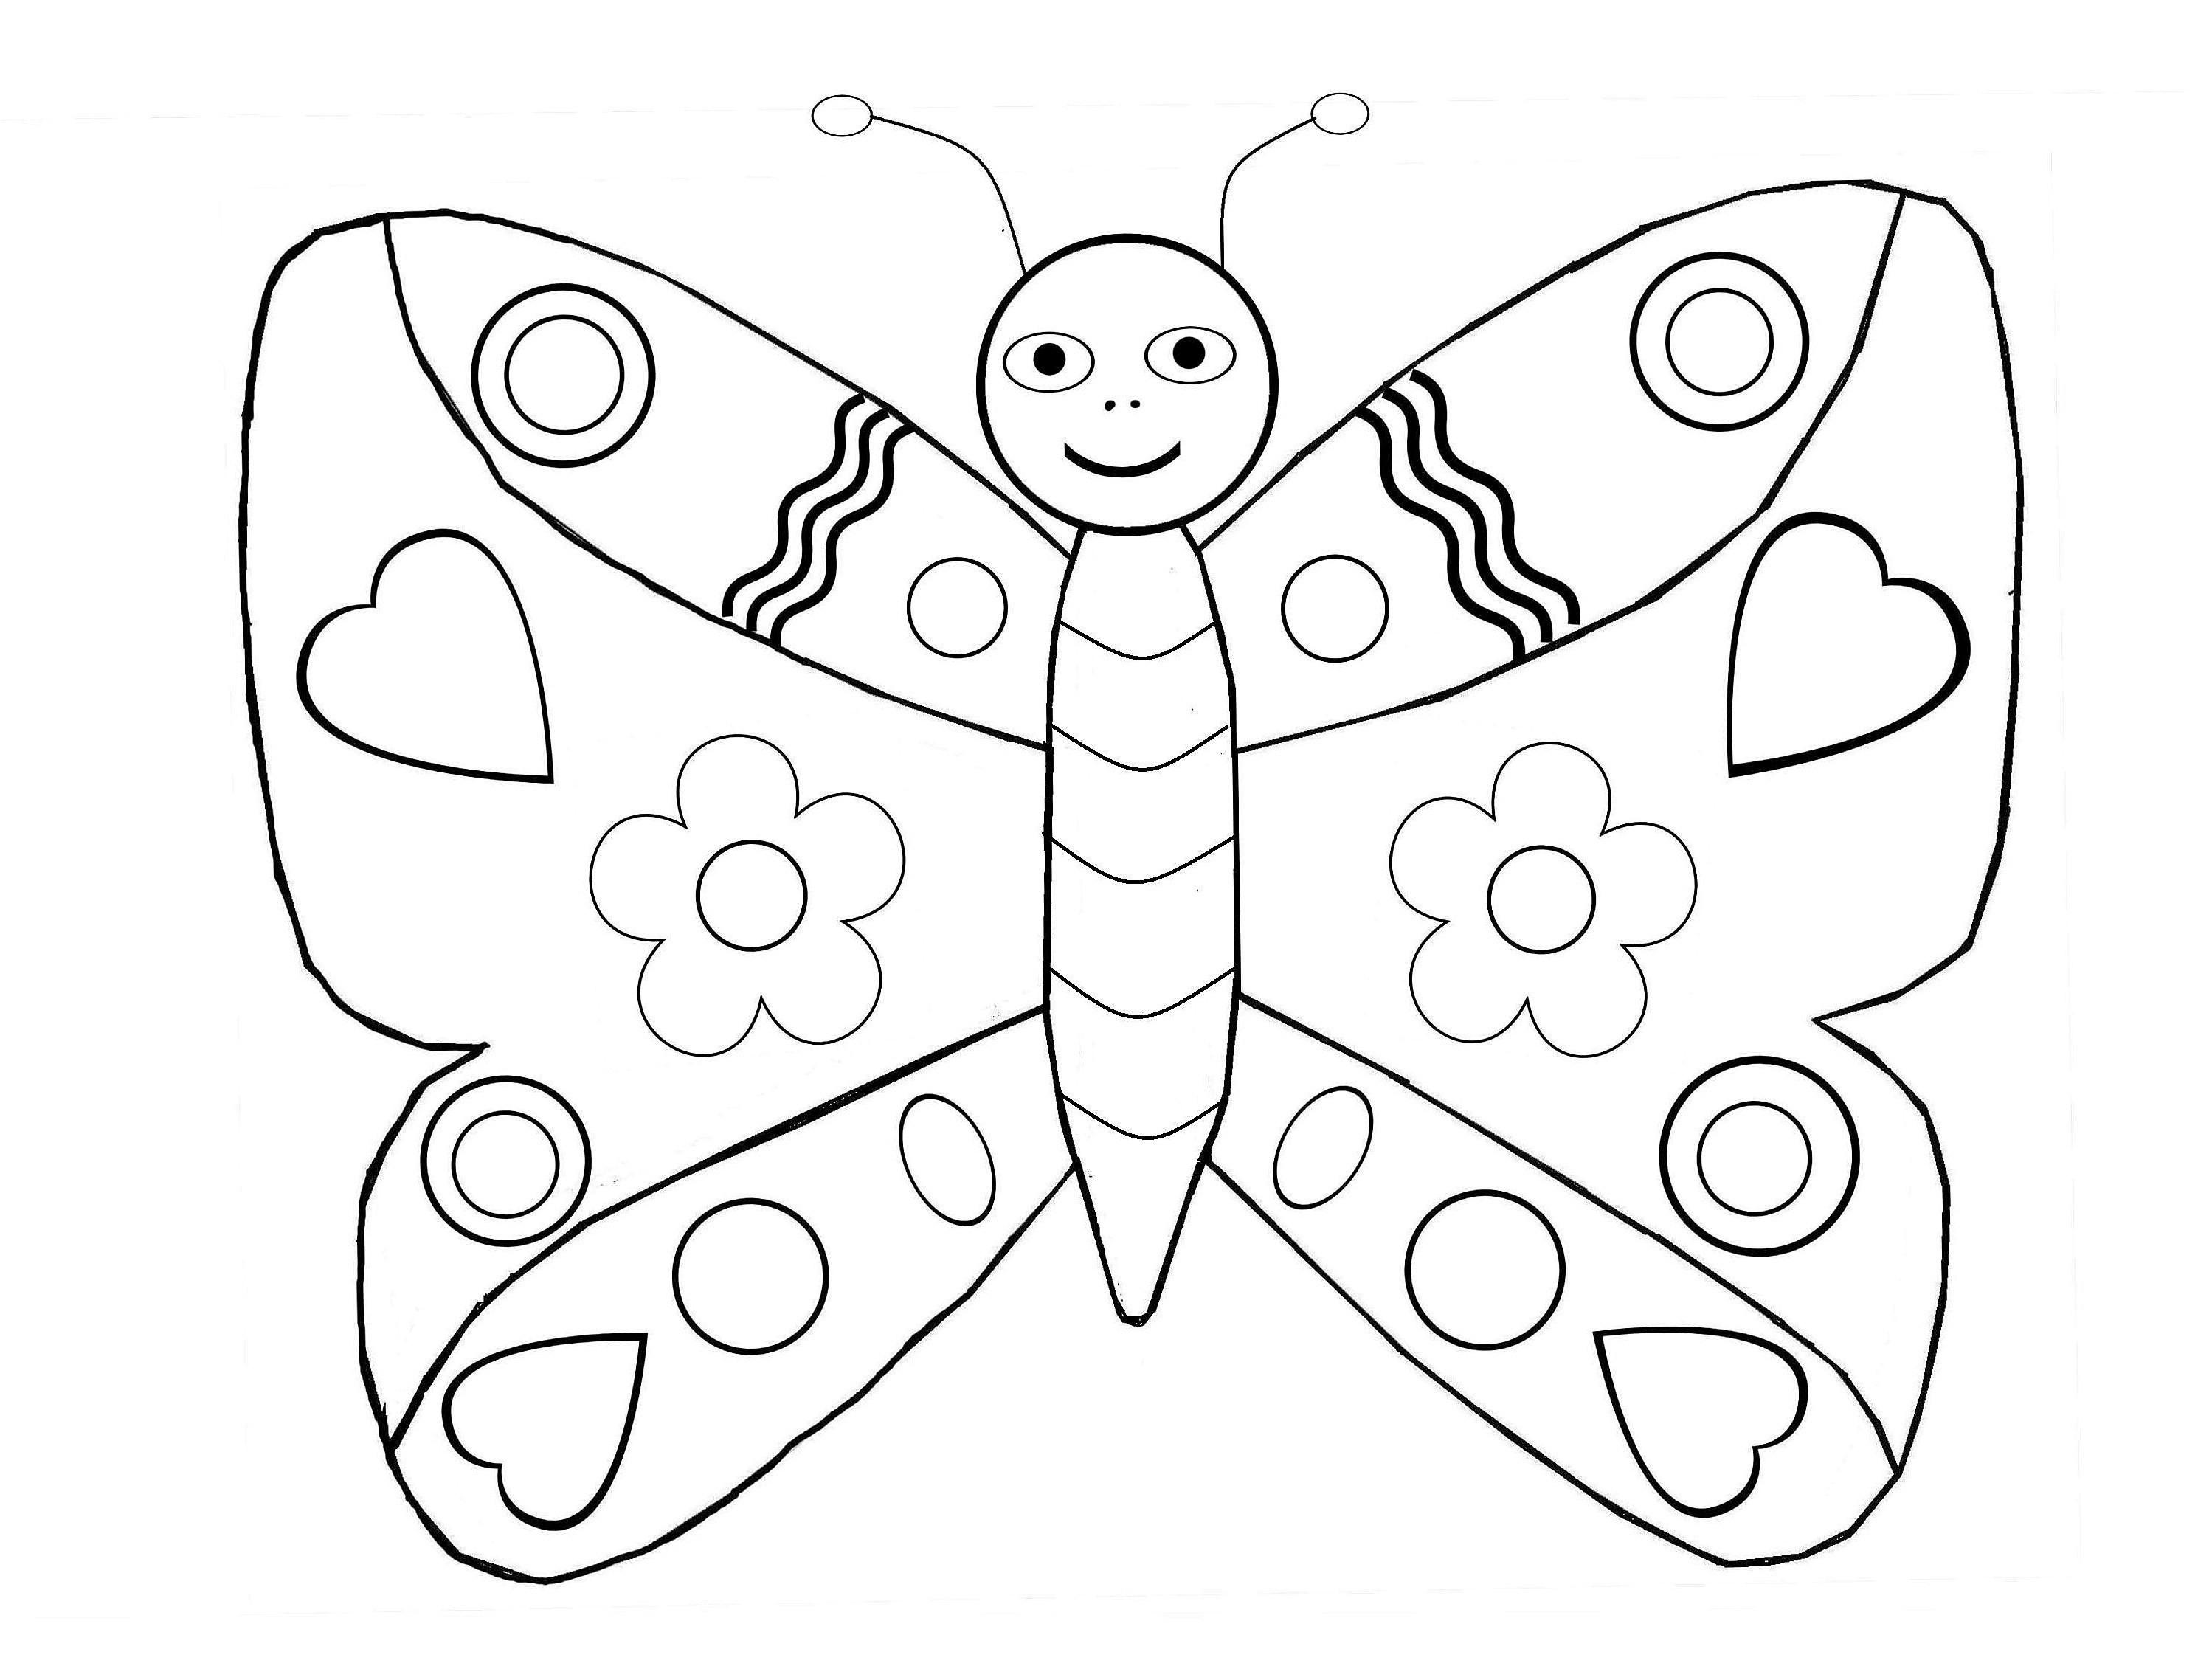 Beau Coloriage 3 Ans A Imprimer Gratuit | Coloriage Enfant intérieur Jeux De Garcon Gratuit 3 Ans